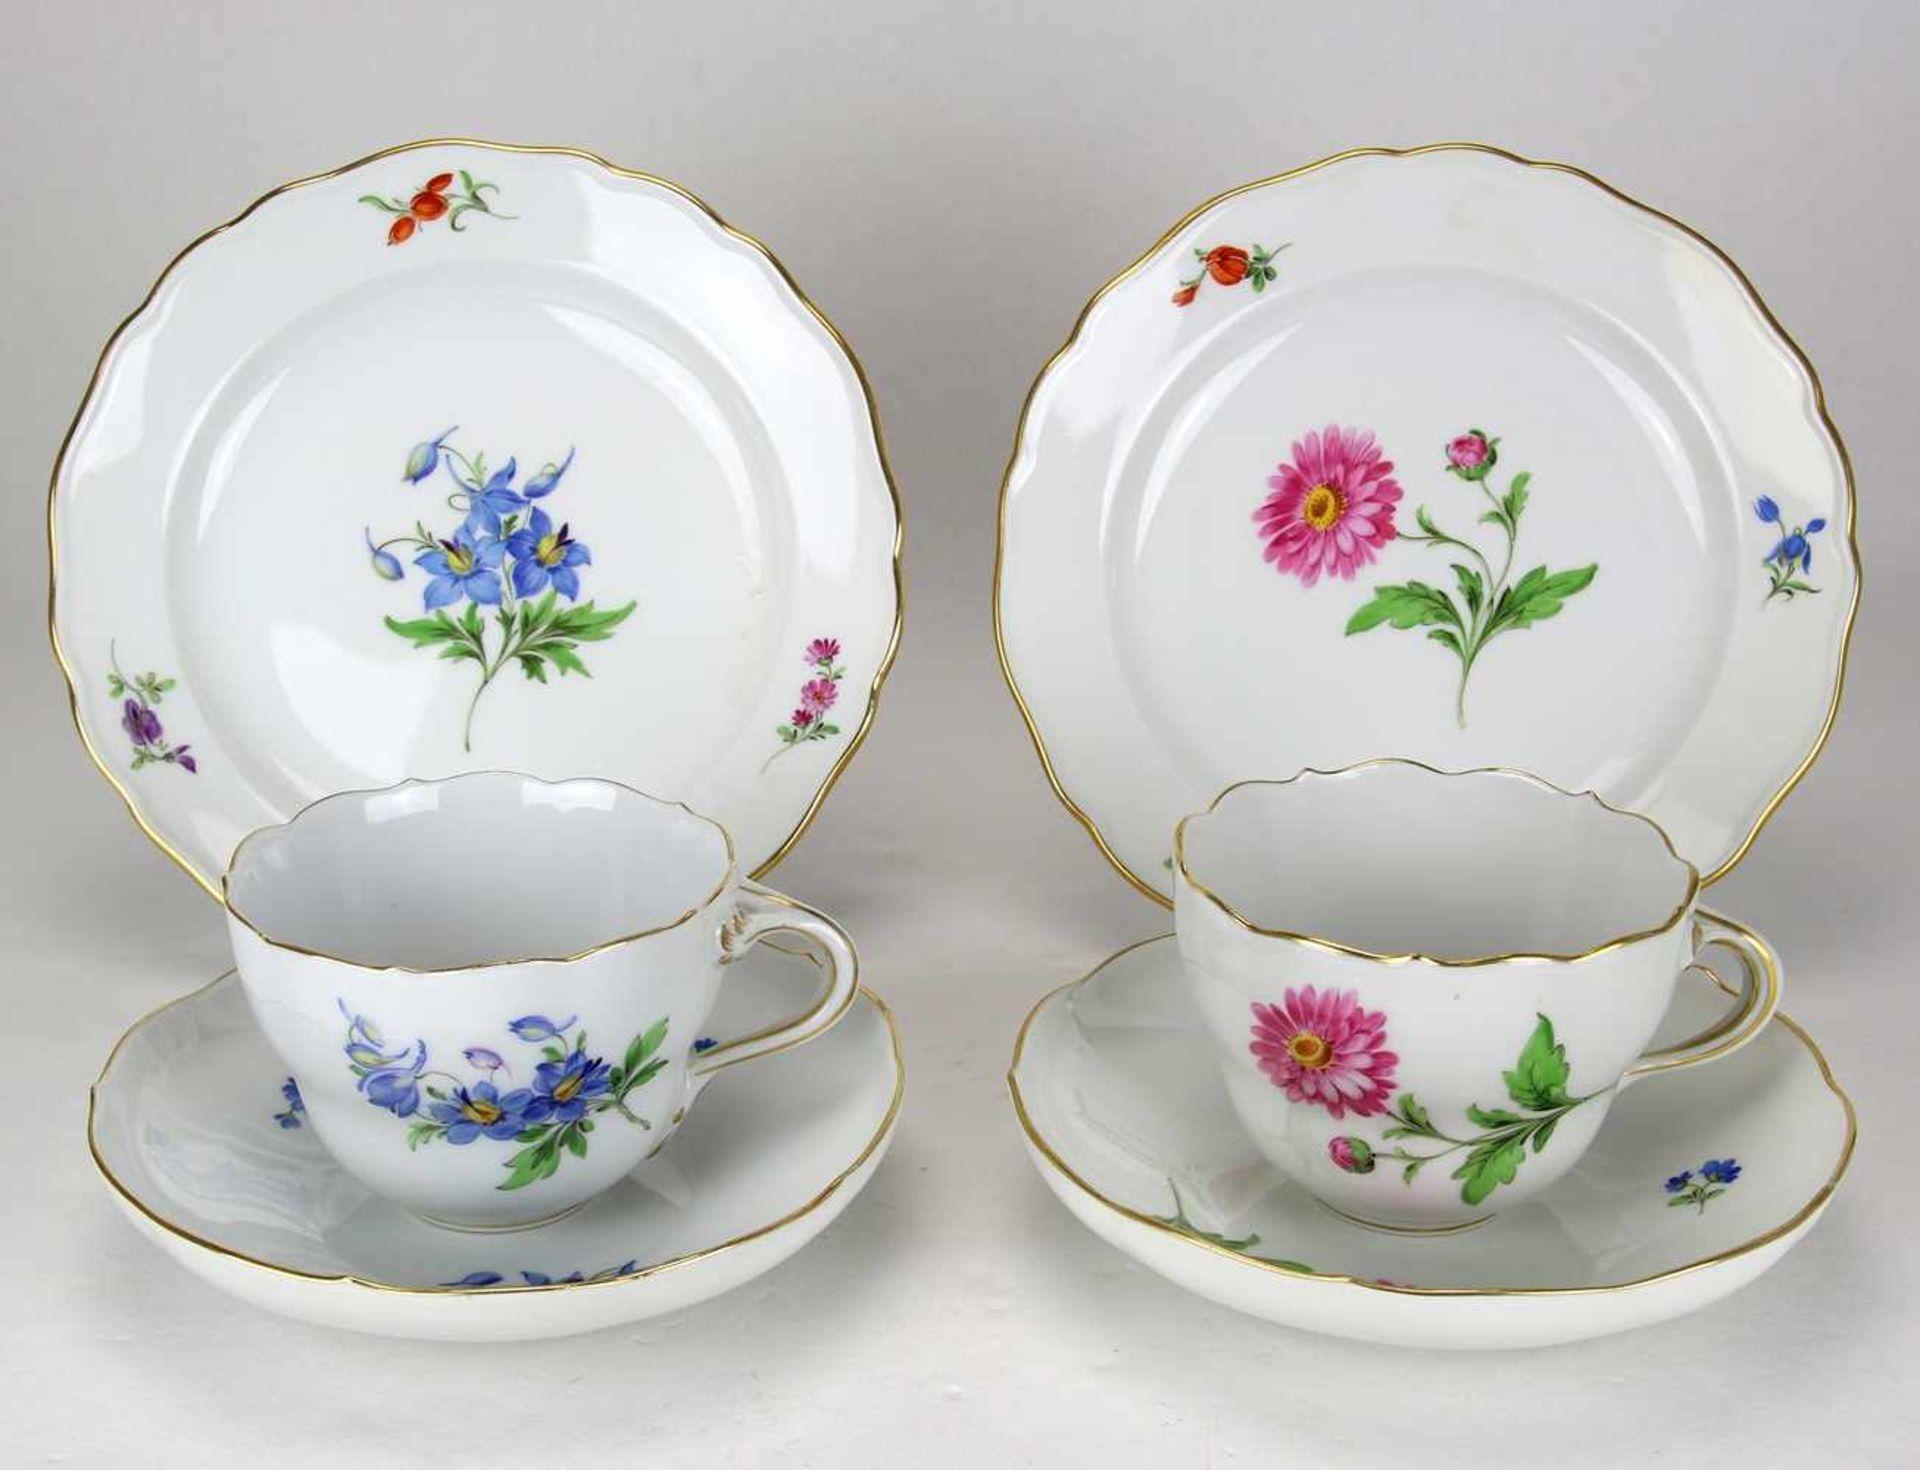 Zwei Gedecke Meissen20. Jh. Form Neuer Ausschnitt mit Blumenmalerei. Kaffeegedecke je dreiteilig.